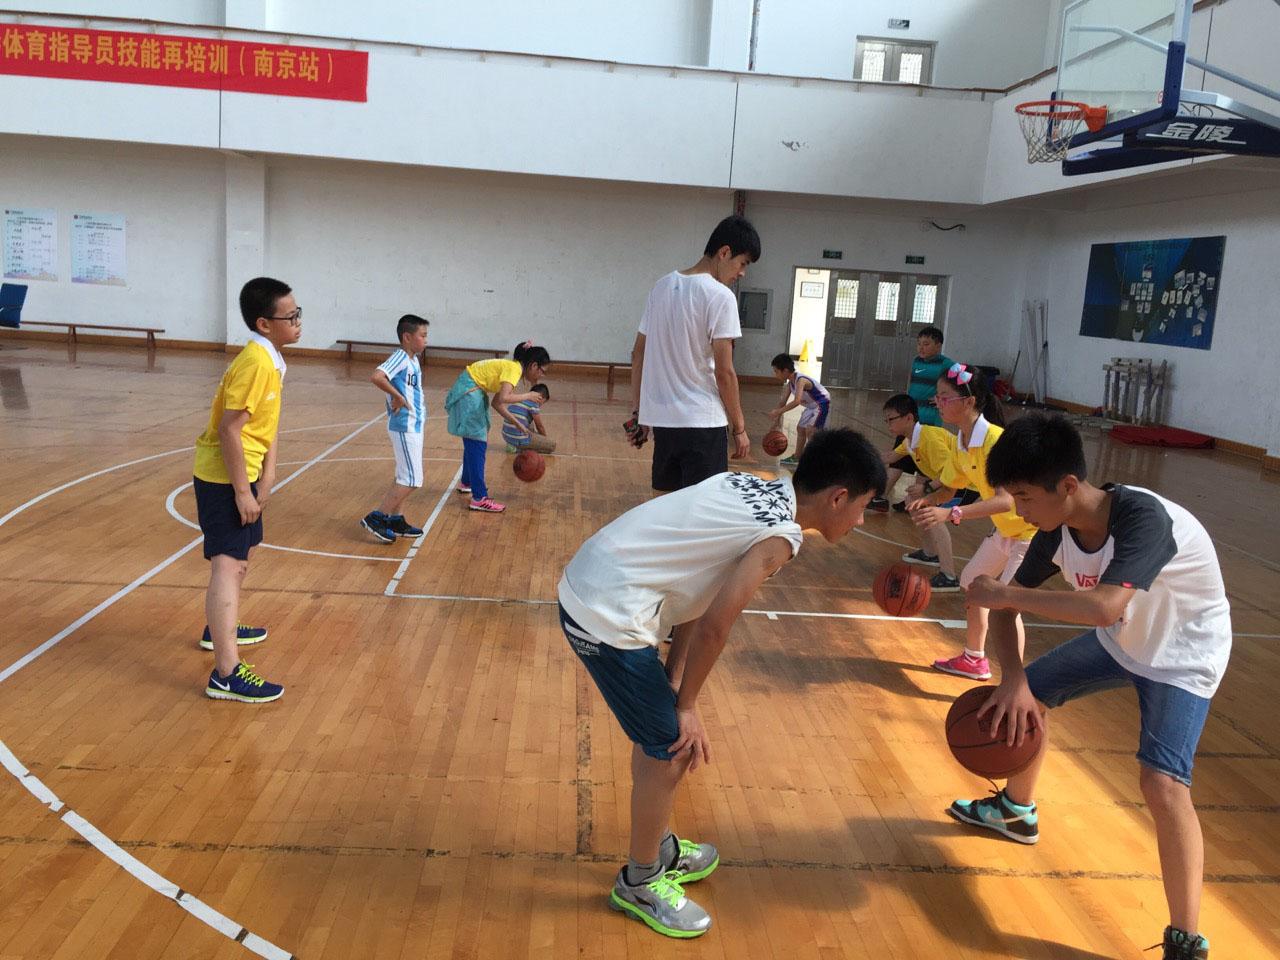 篮球框网编法图解步骤